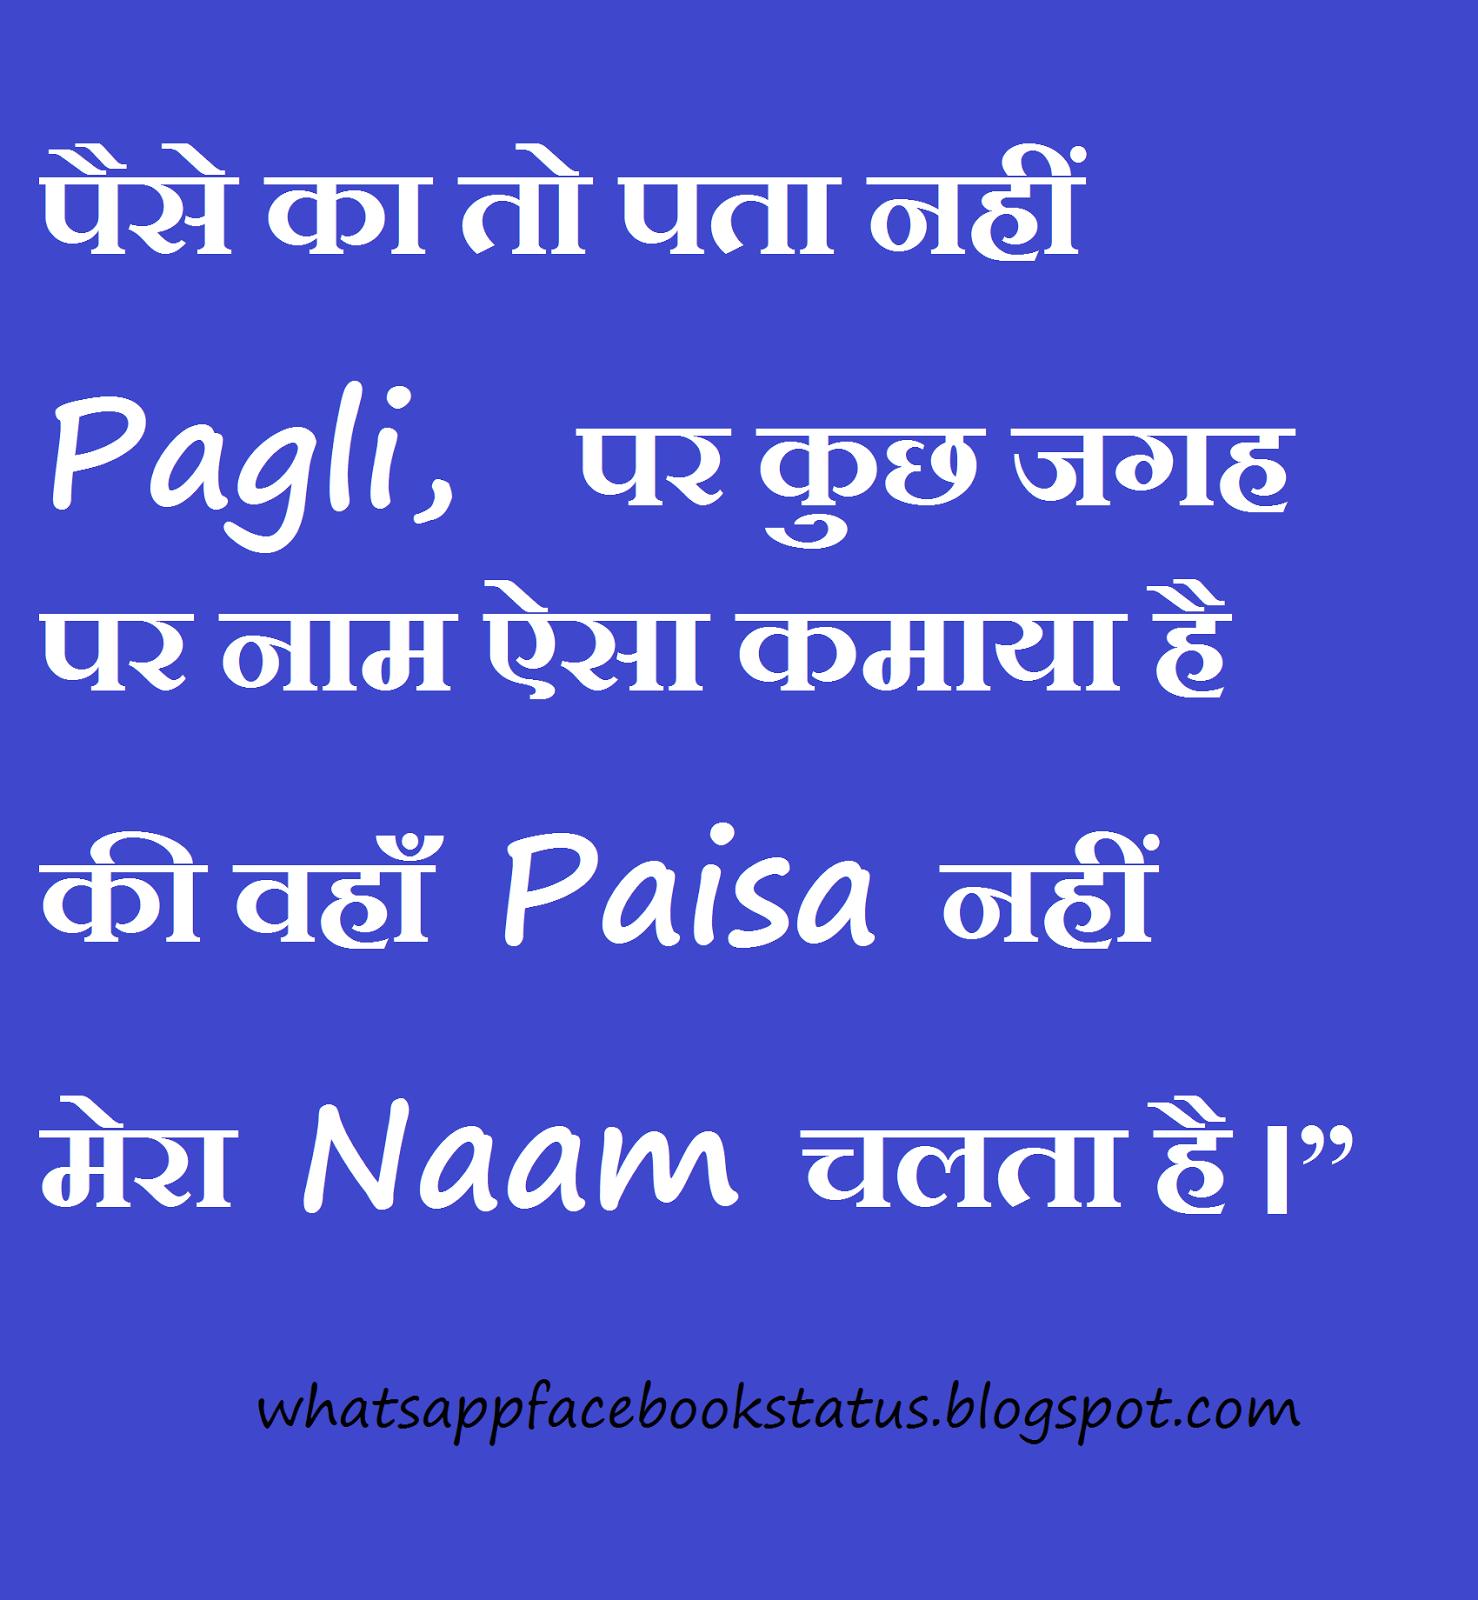 Pagli Paisa Attitude Status For Whatsapp Pagli Status Paisa Status Whatsapp Status Facebook Status Hi Facebook Status Quotes Attitude Status Status Quotes